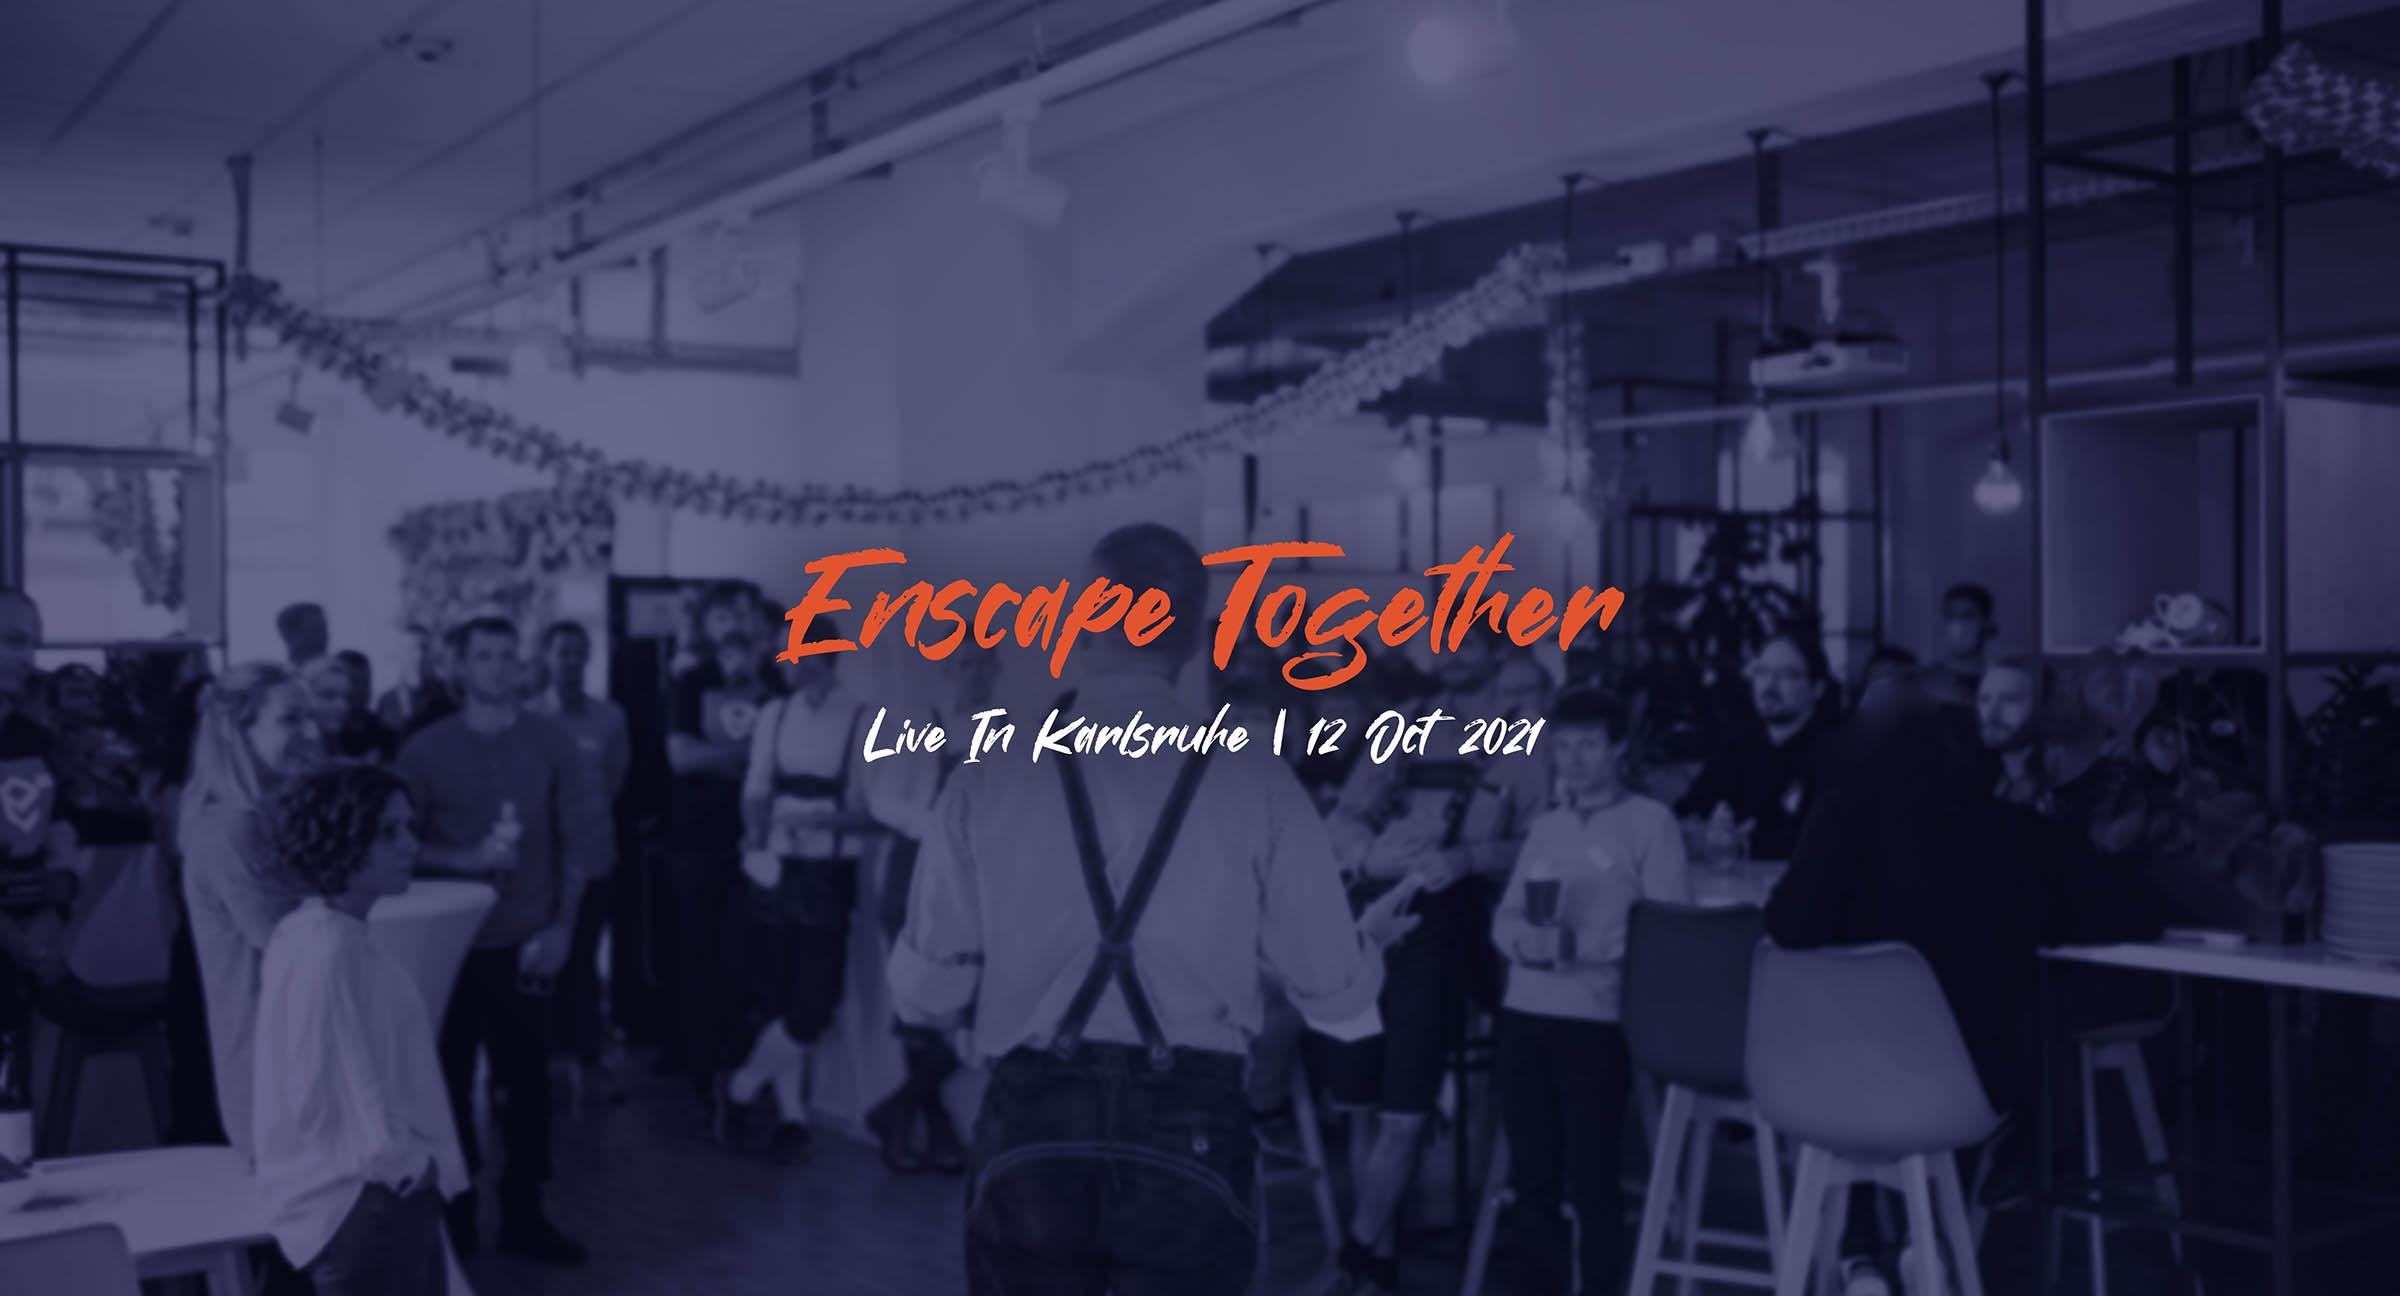 Enscape team event